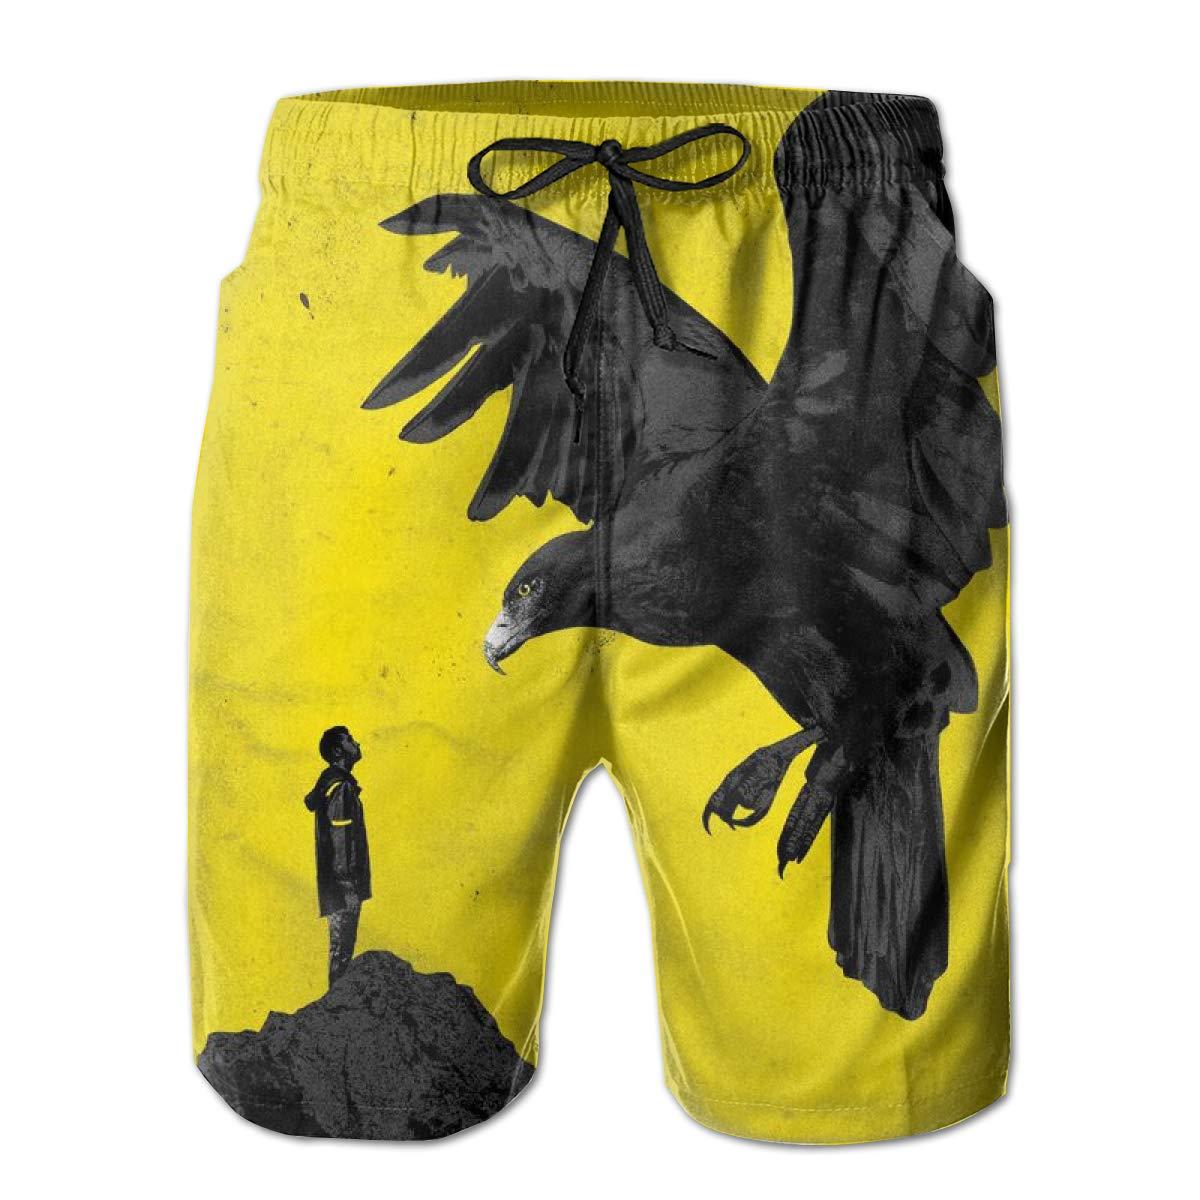 KINGQUEEN 21 Eagle Mens Board Beach Shorts Quick Dry Swimwear Pants Boardshort Swim Trunks Bathing Suits Sportwear Drawstring Surfing